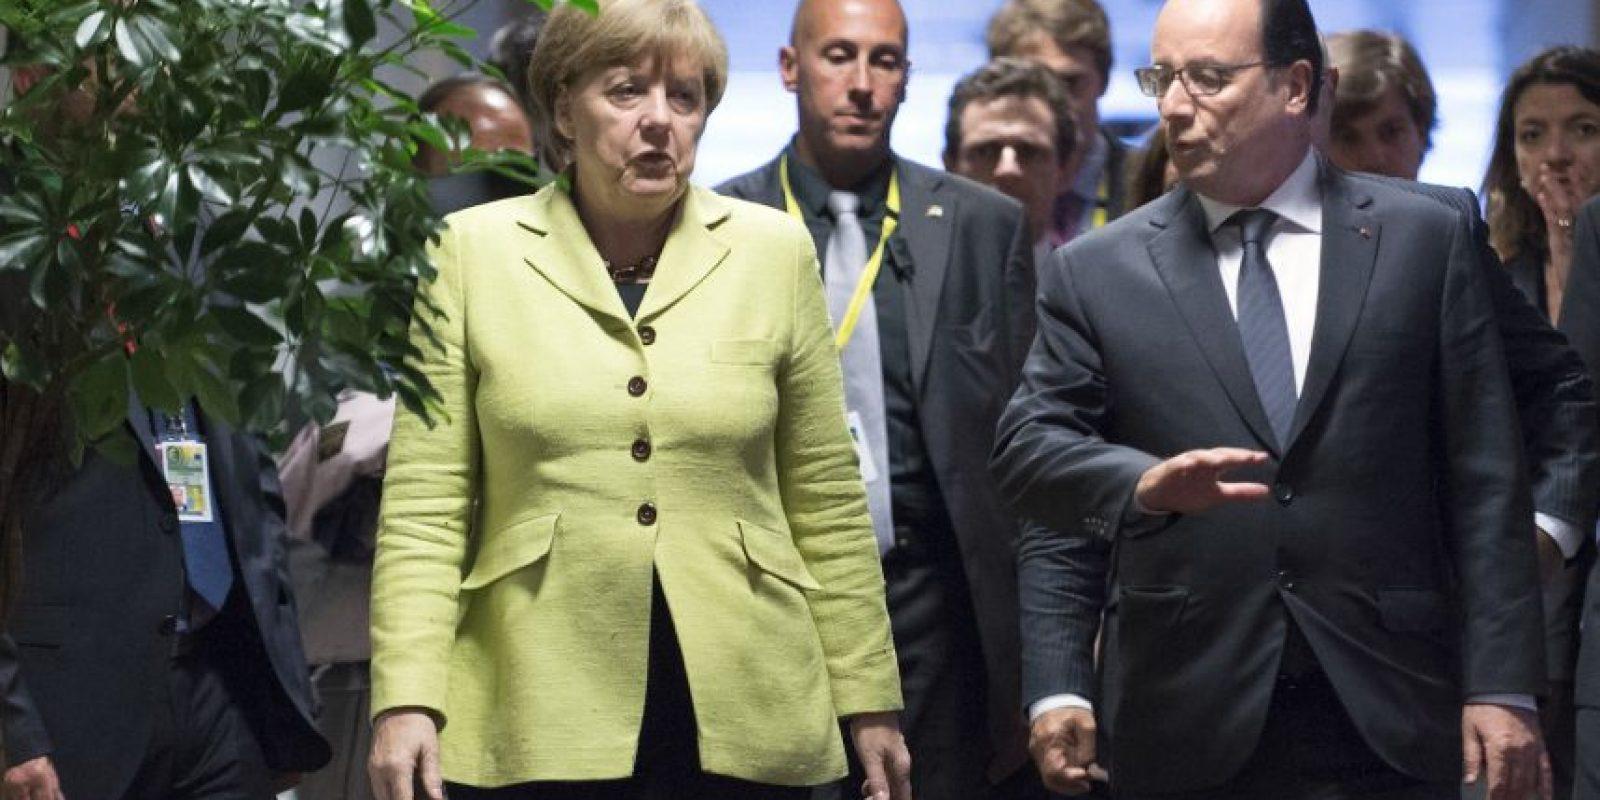 La canciller alemana Angela Merkel y el presidente francés Francois Hollande se reunirán el lunes por la mañana Foto:AP